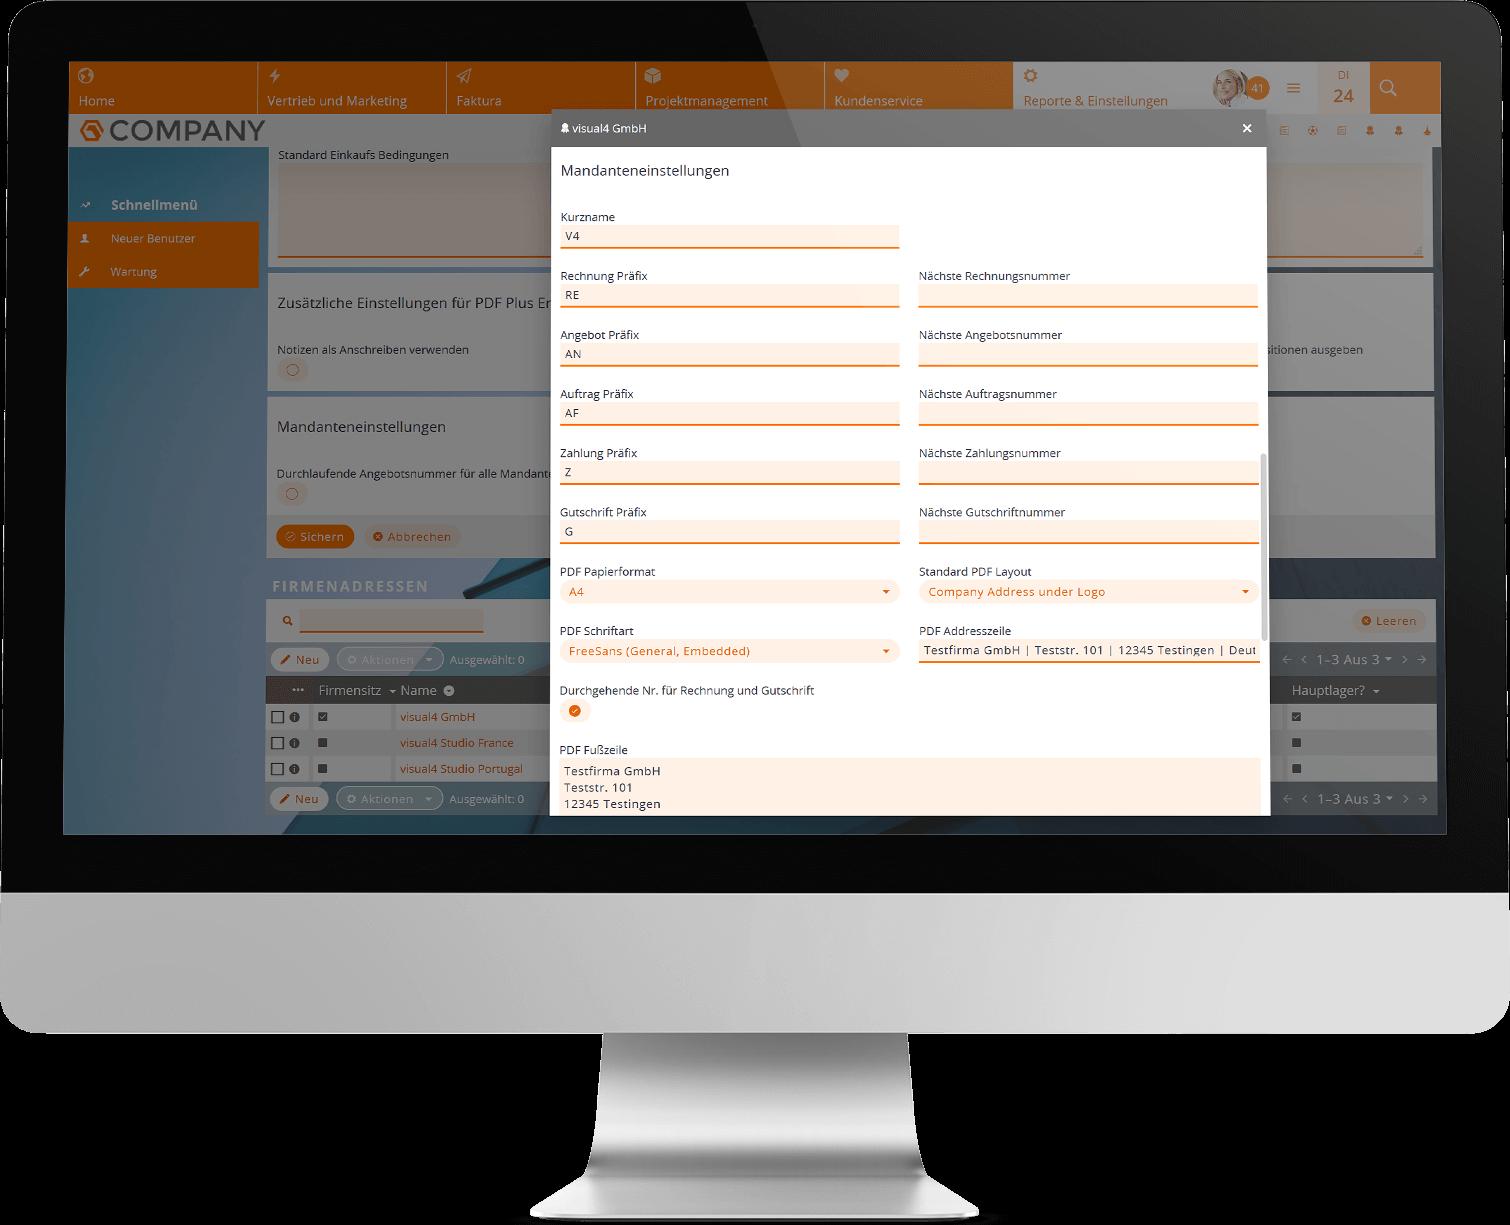 Mehrere Firmen im CRM mit der CRM-Mandant-Erweiterung verwalten